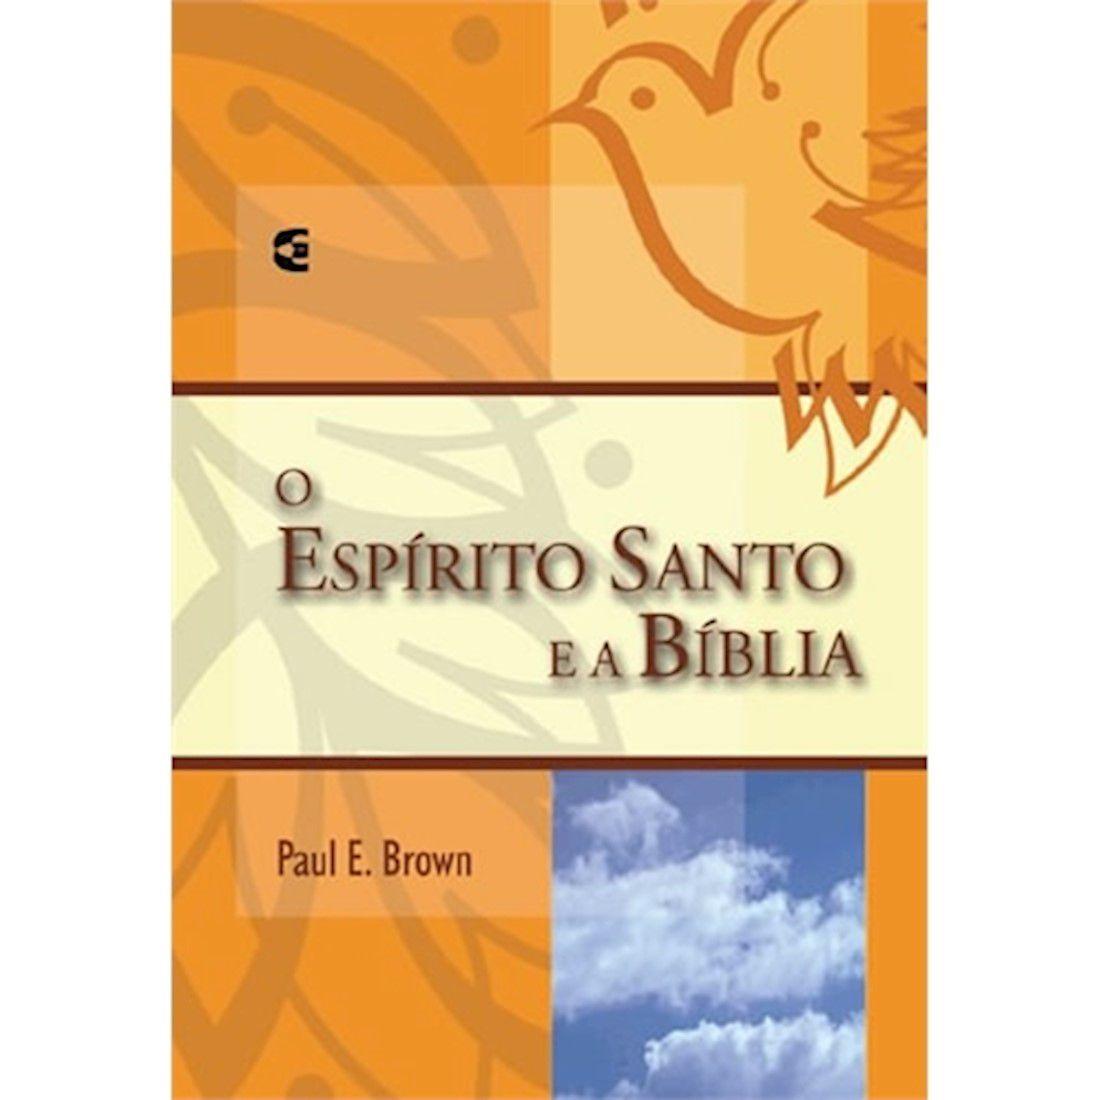 Livro O Espírito Santo e a Bíblia